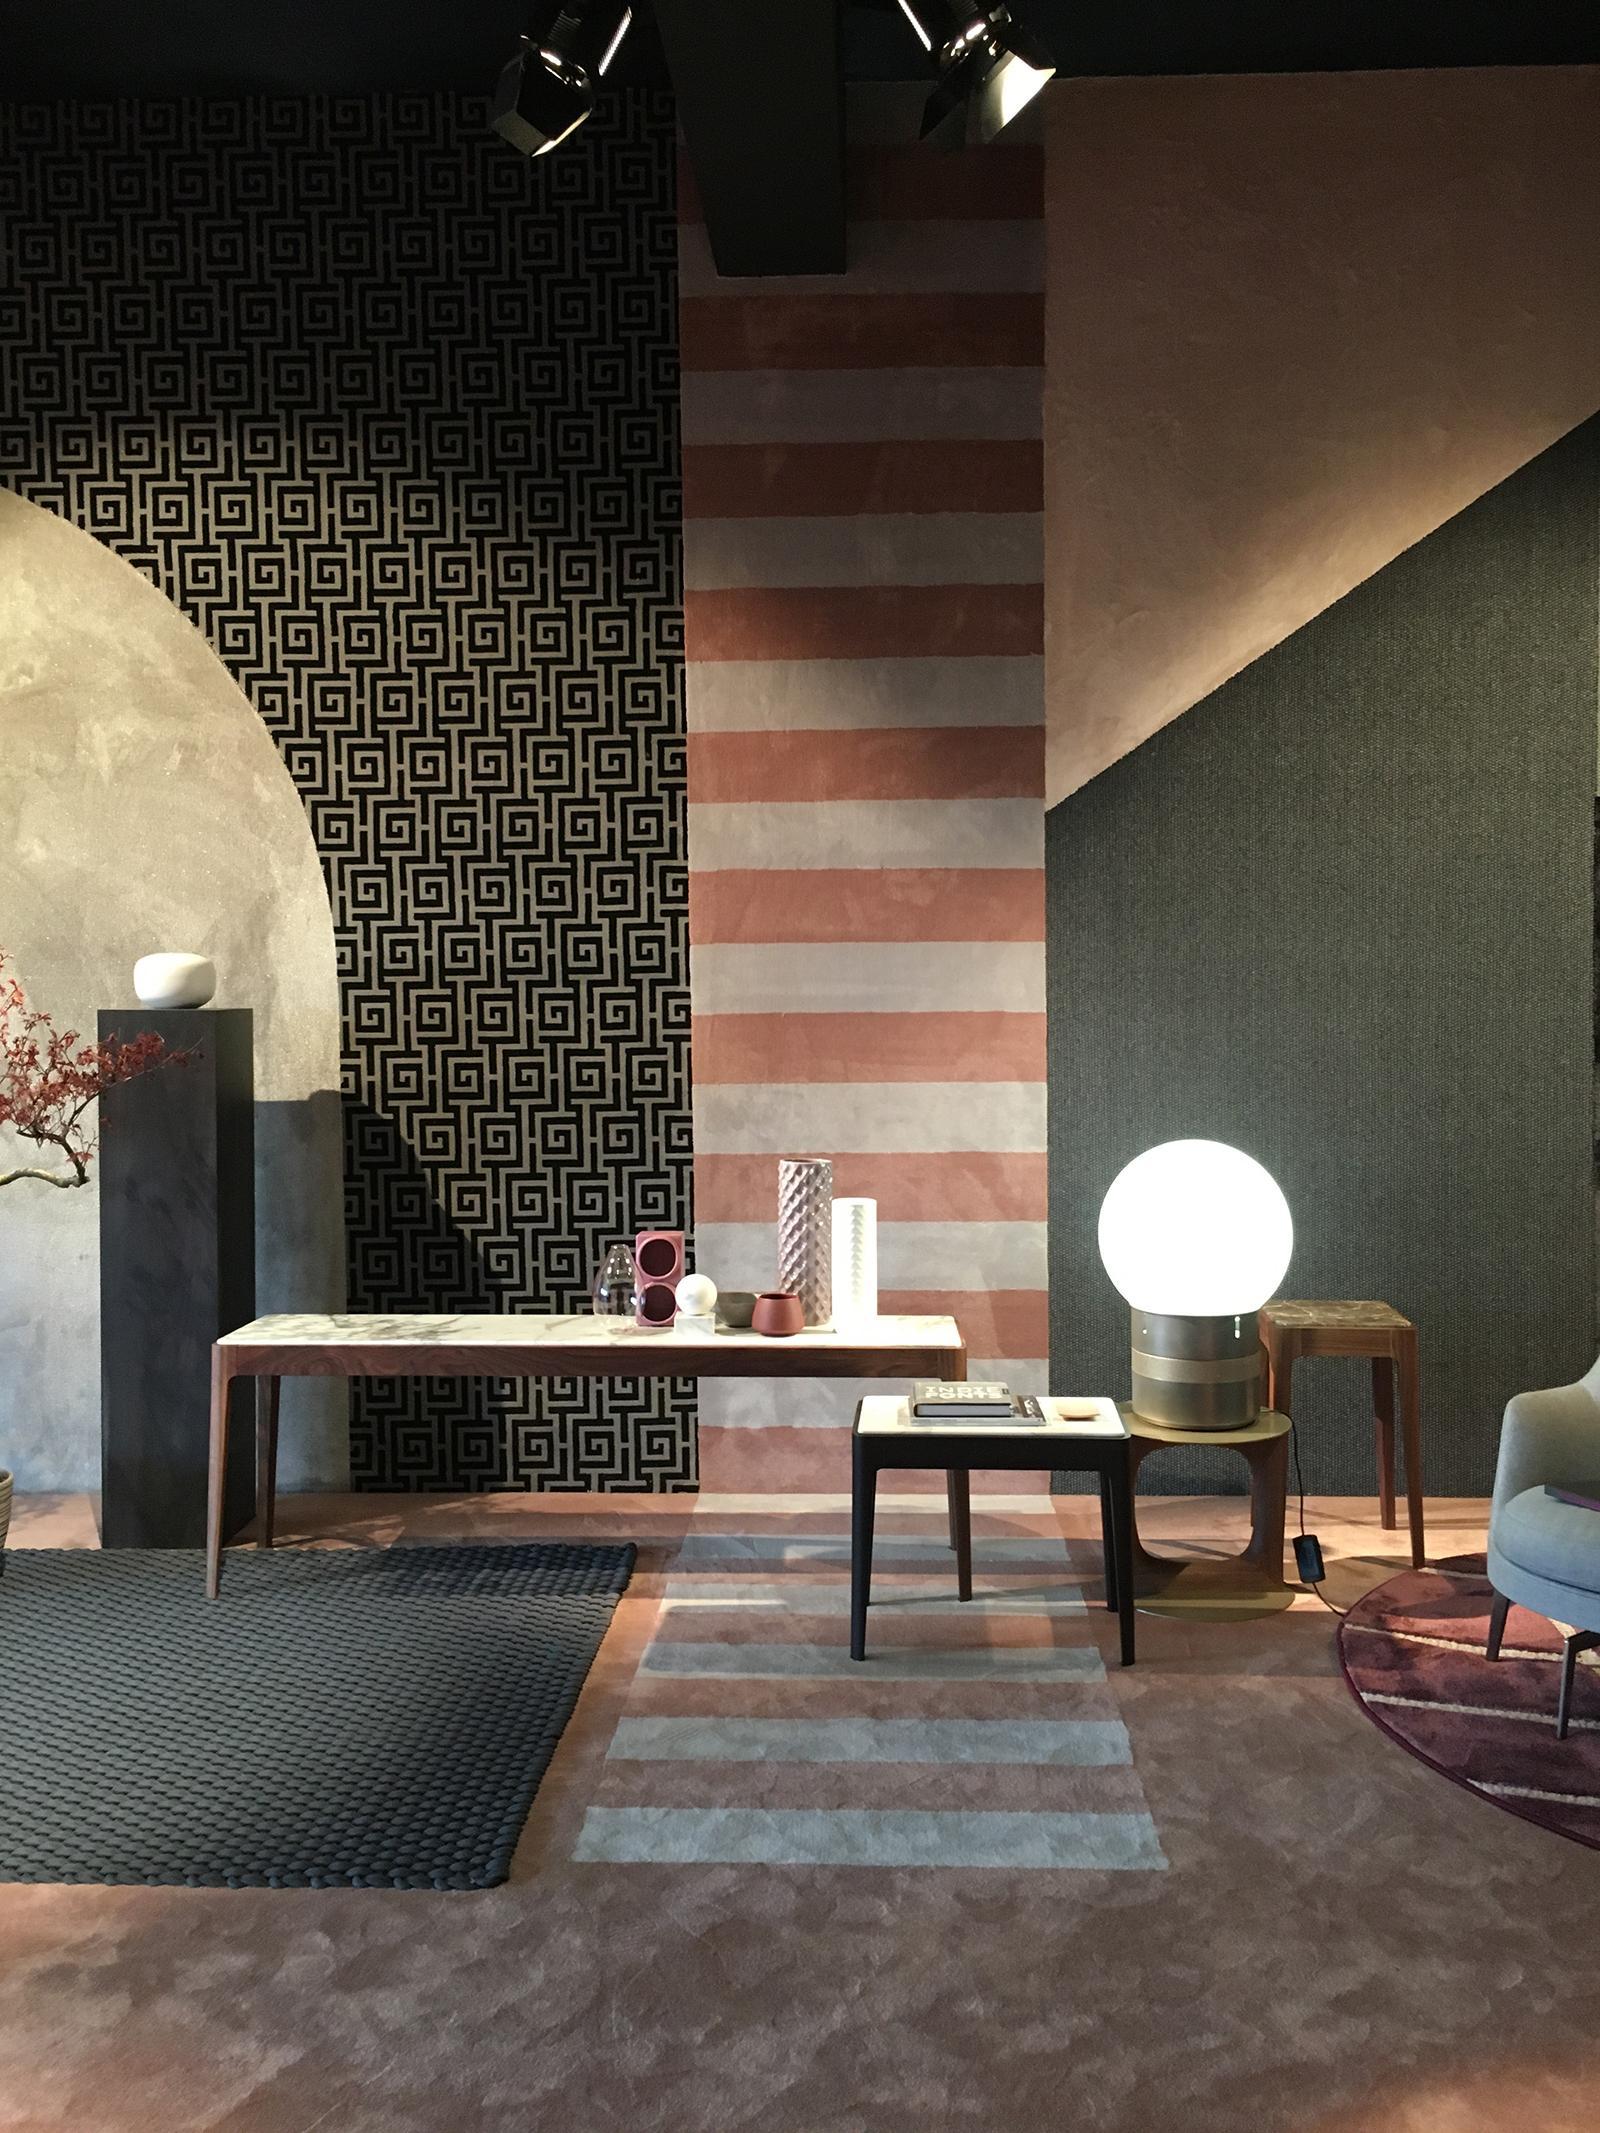 2020 interior design trend: il ritorno della moquette